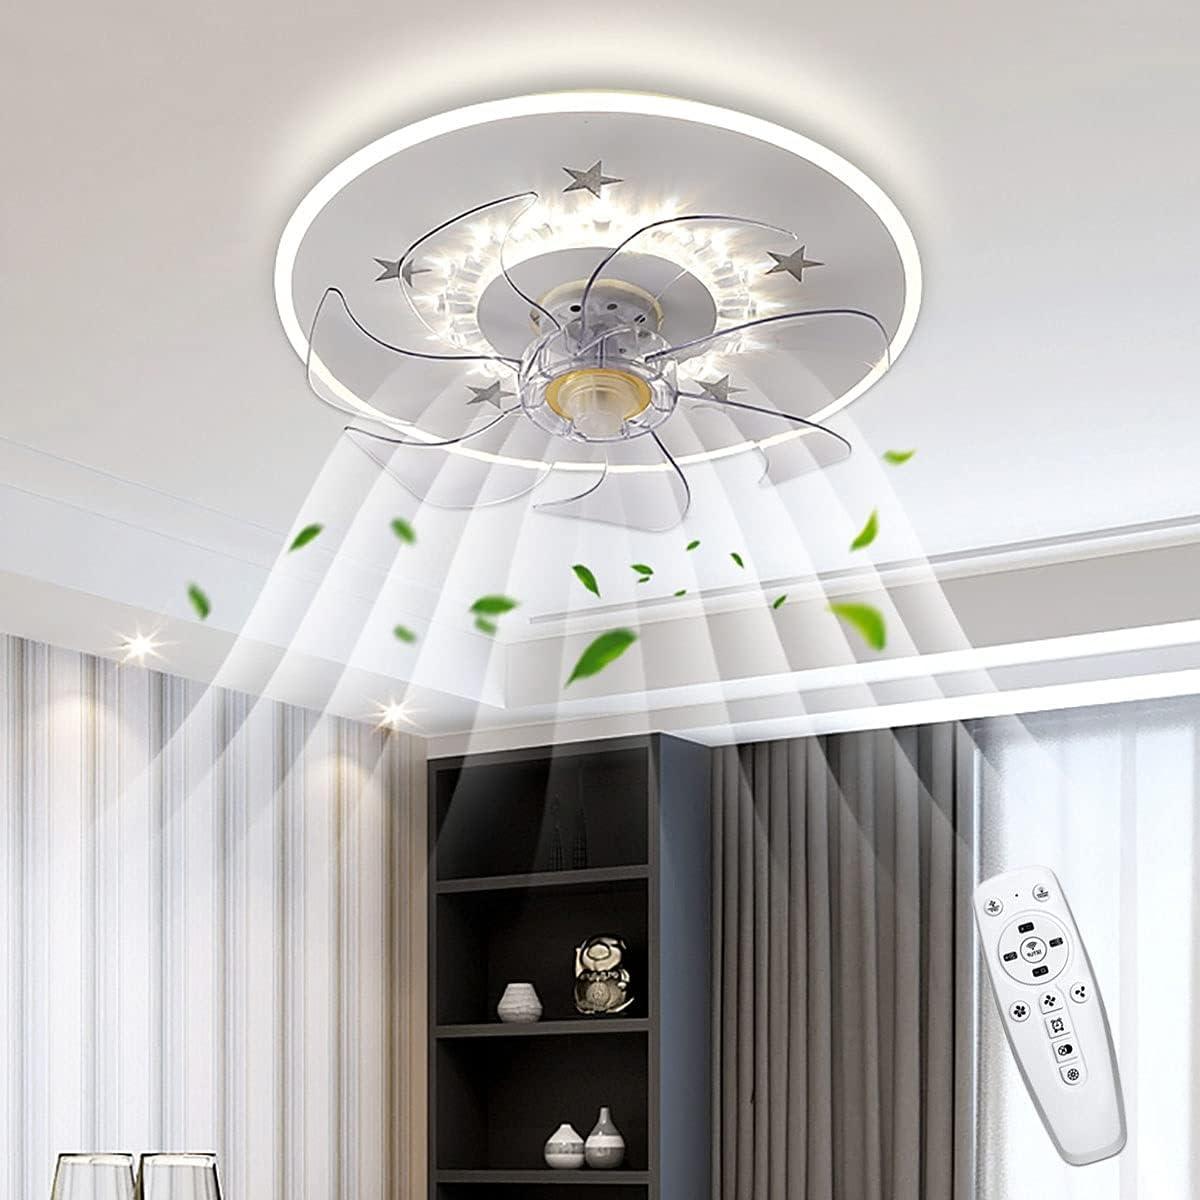 WRQING 50W Ventilador de Techo con LED Lámpara y Control Remoto Temporizador Ventilador de Techo con Luz Regulable 3 Velocidad del Viento Fan Iluminación para Guardería Kinderkamers